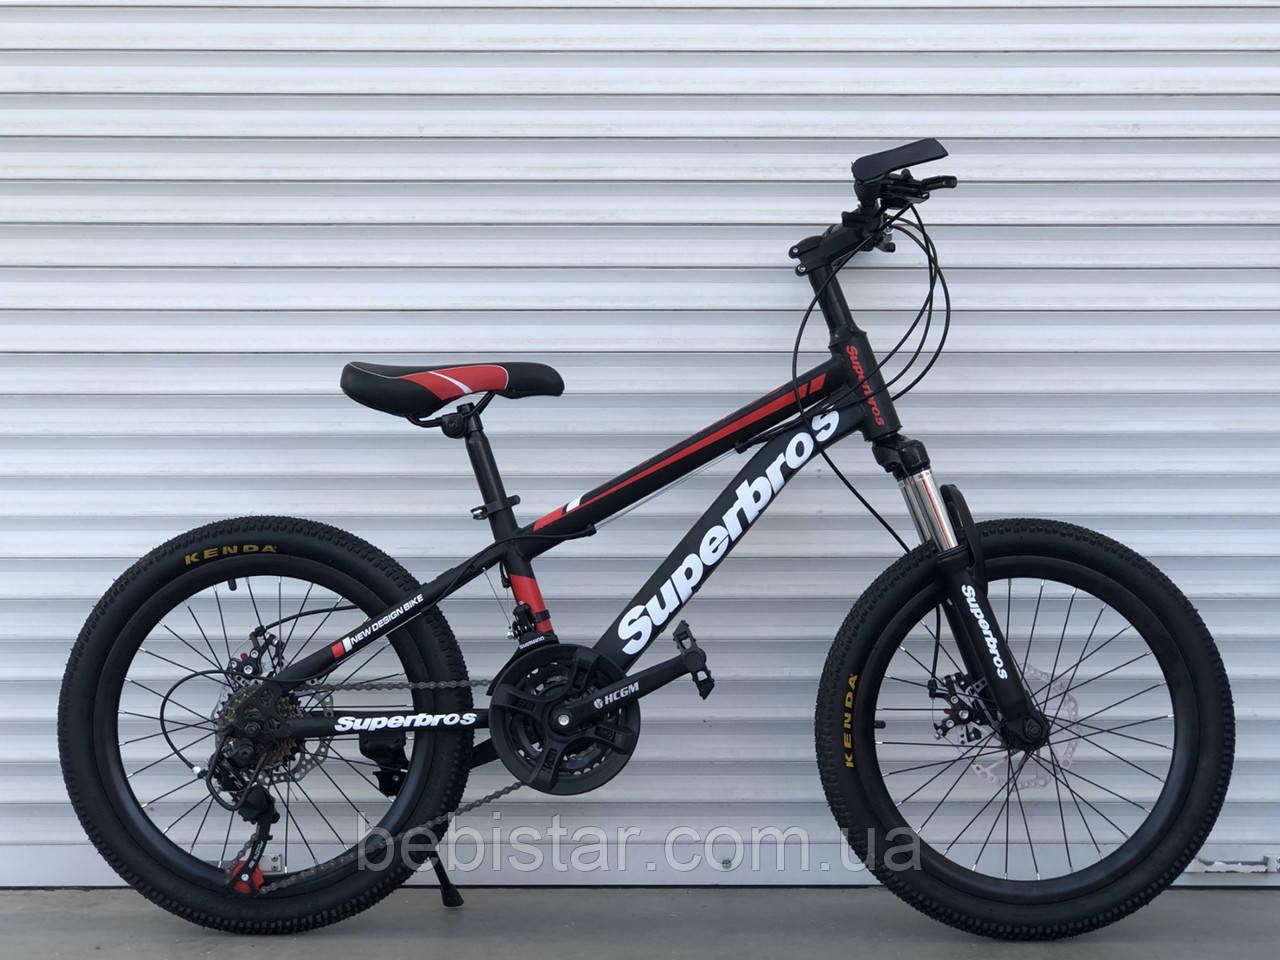 """Спортивный велосипед TopRider 20 дюймов красный 21 скорость металлическая рама12"""" детям от 5 лет рост от 115см"""